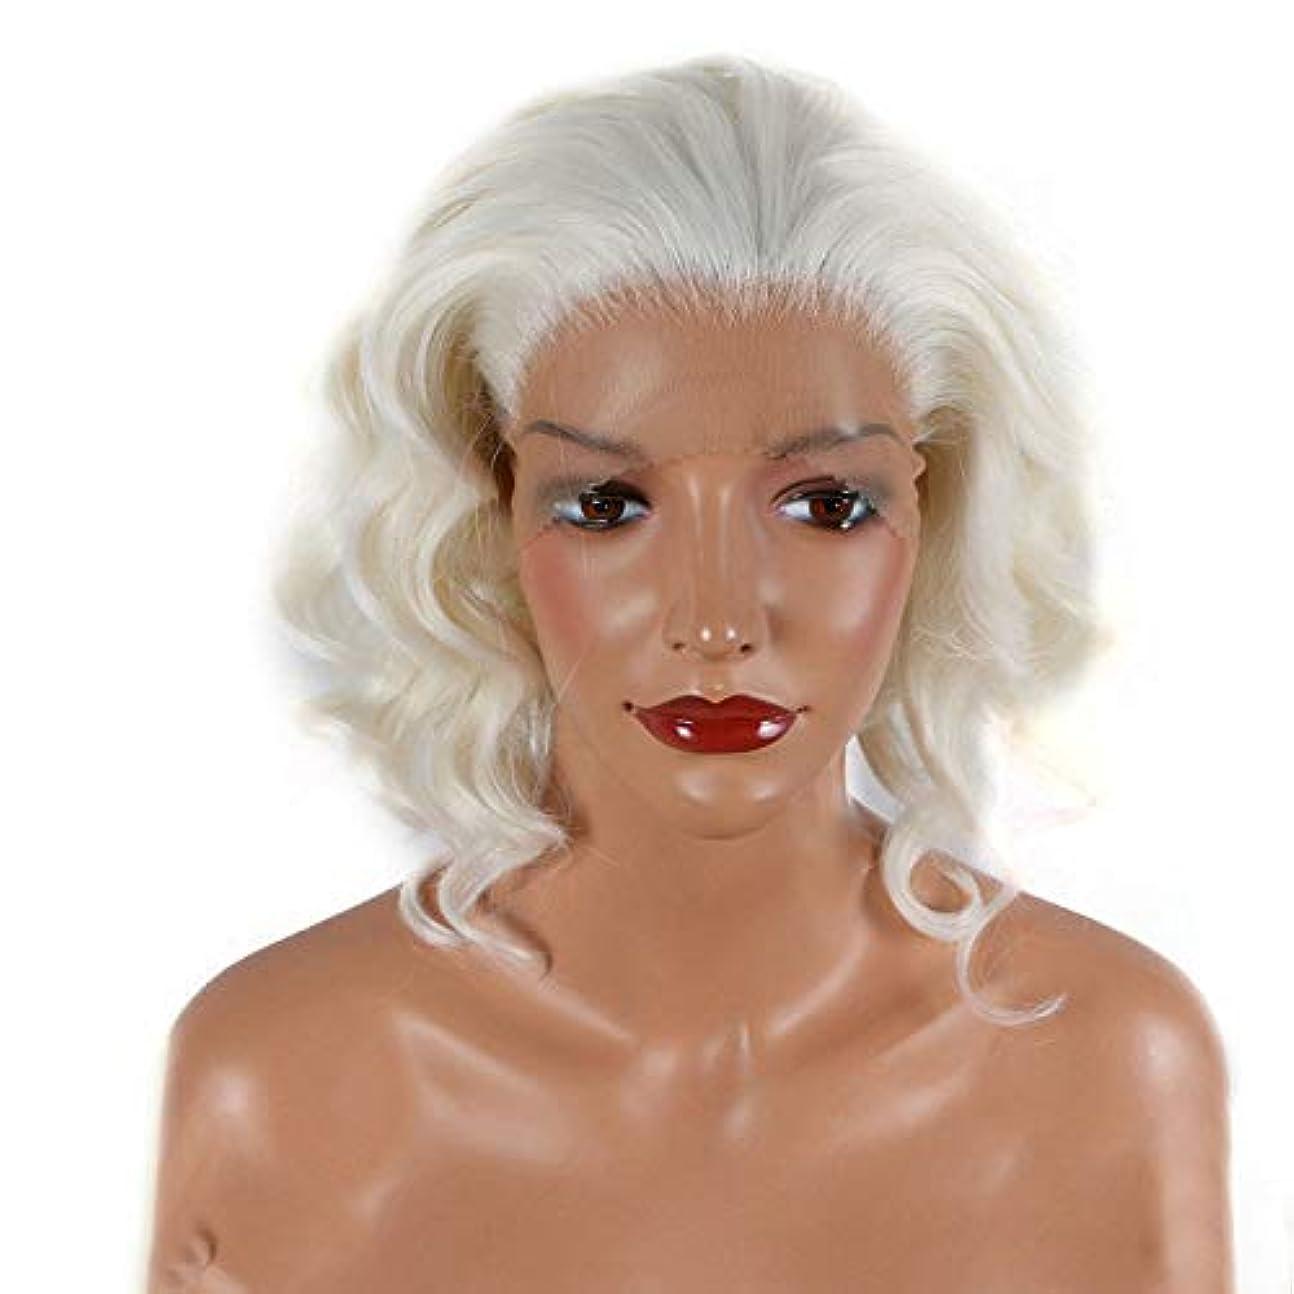 豊富な退屈な滅多YOUQIU 女性の日常かつらのために女子ショートボブスタイルカーリー白毛ウィッグ (色 : ホワイト)